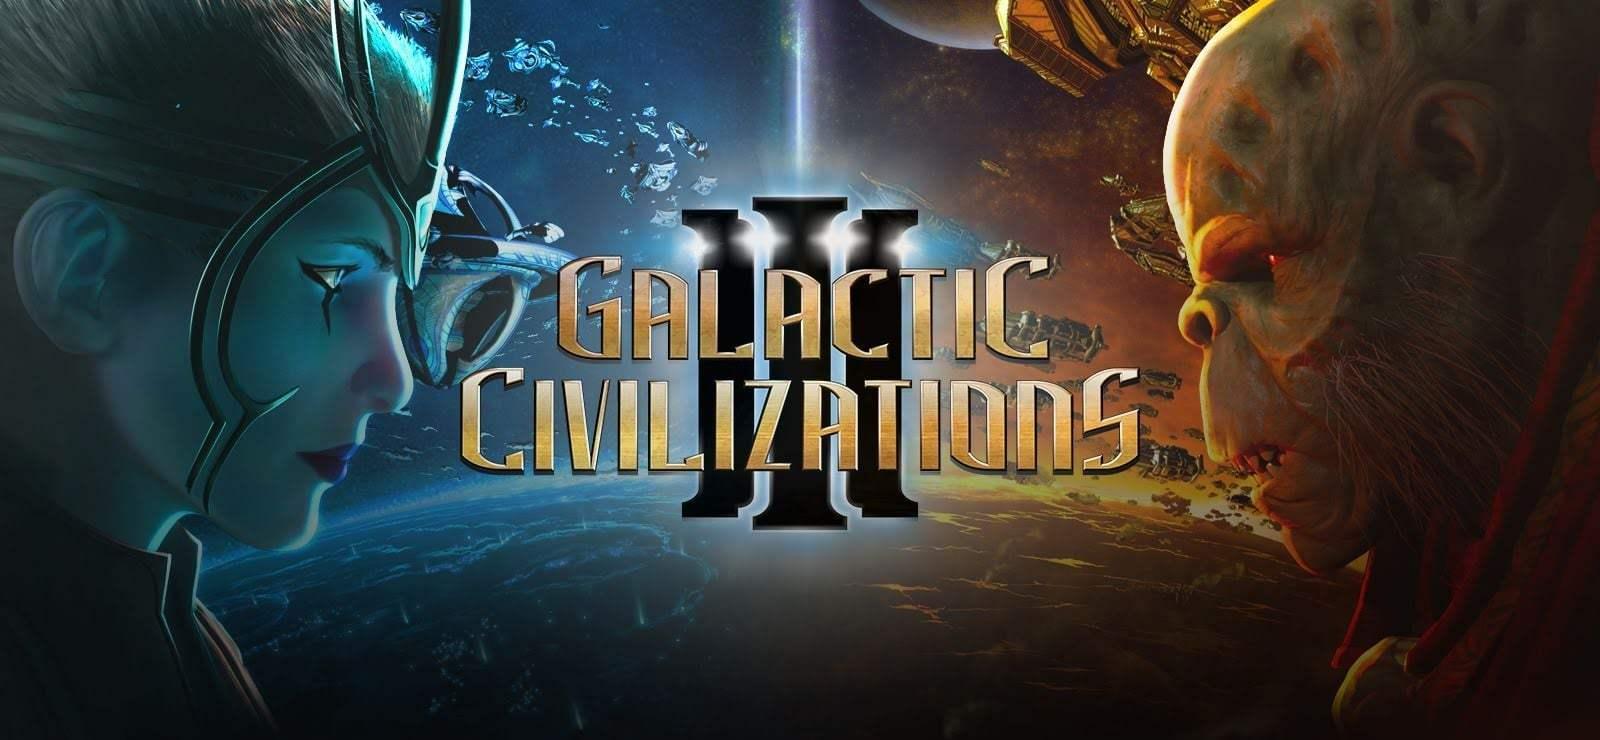 銀河文明3